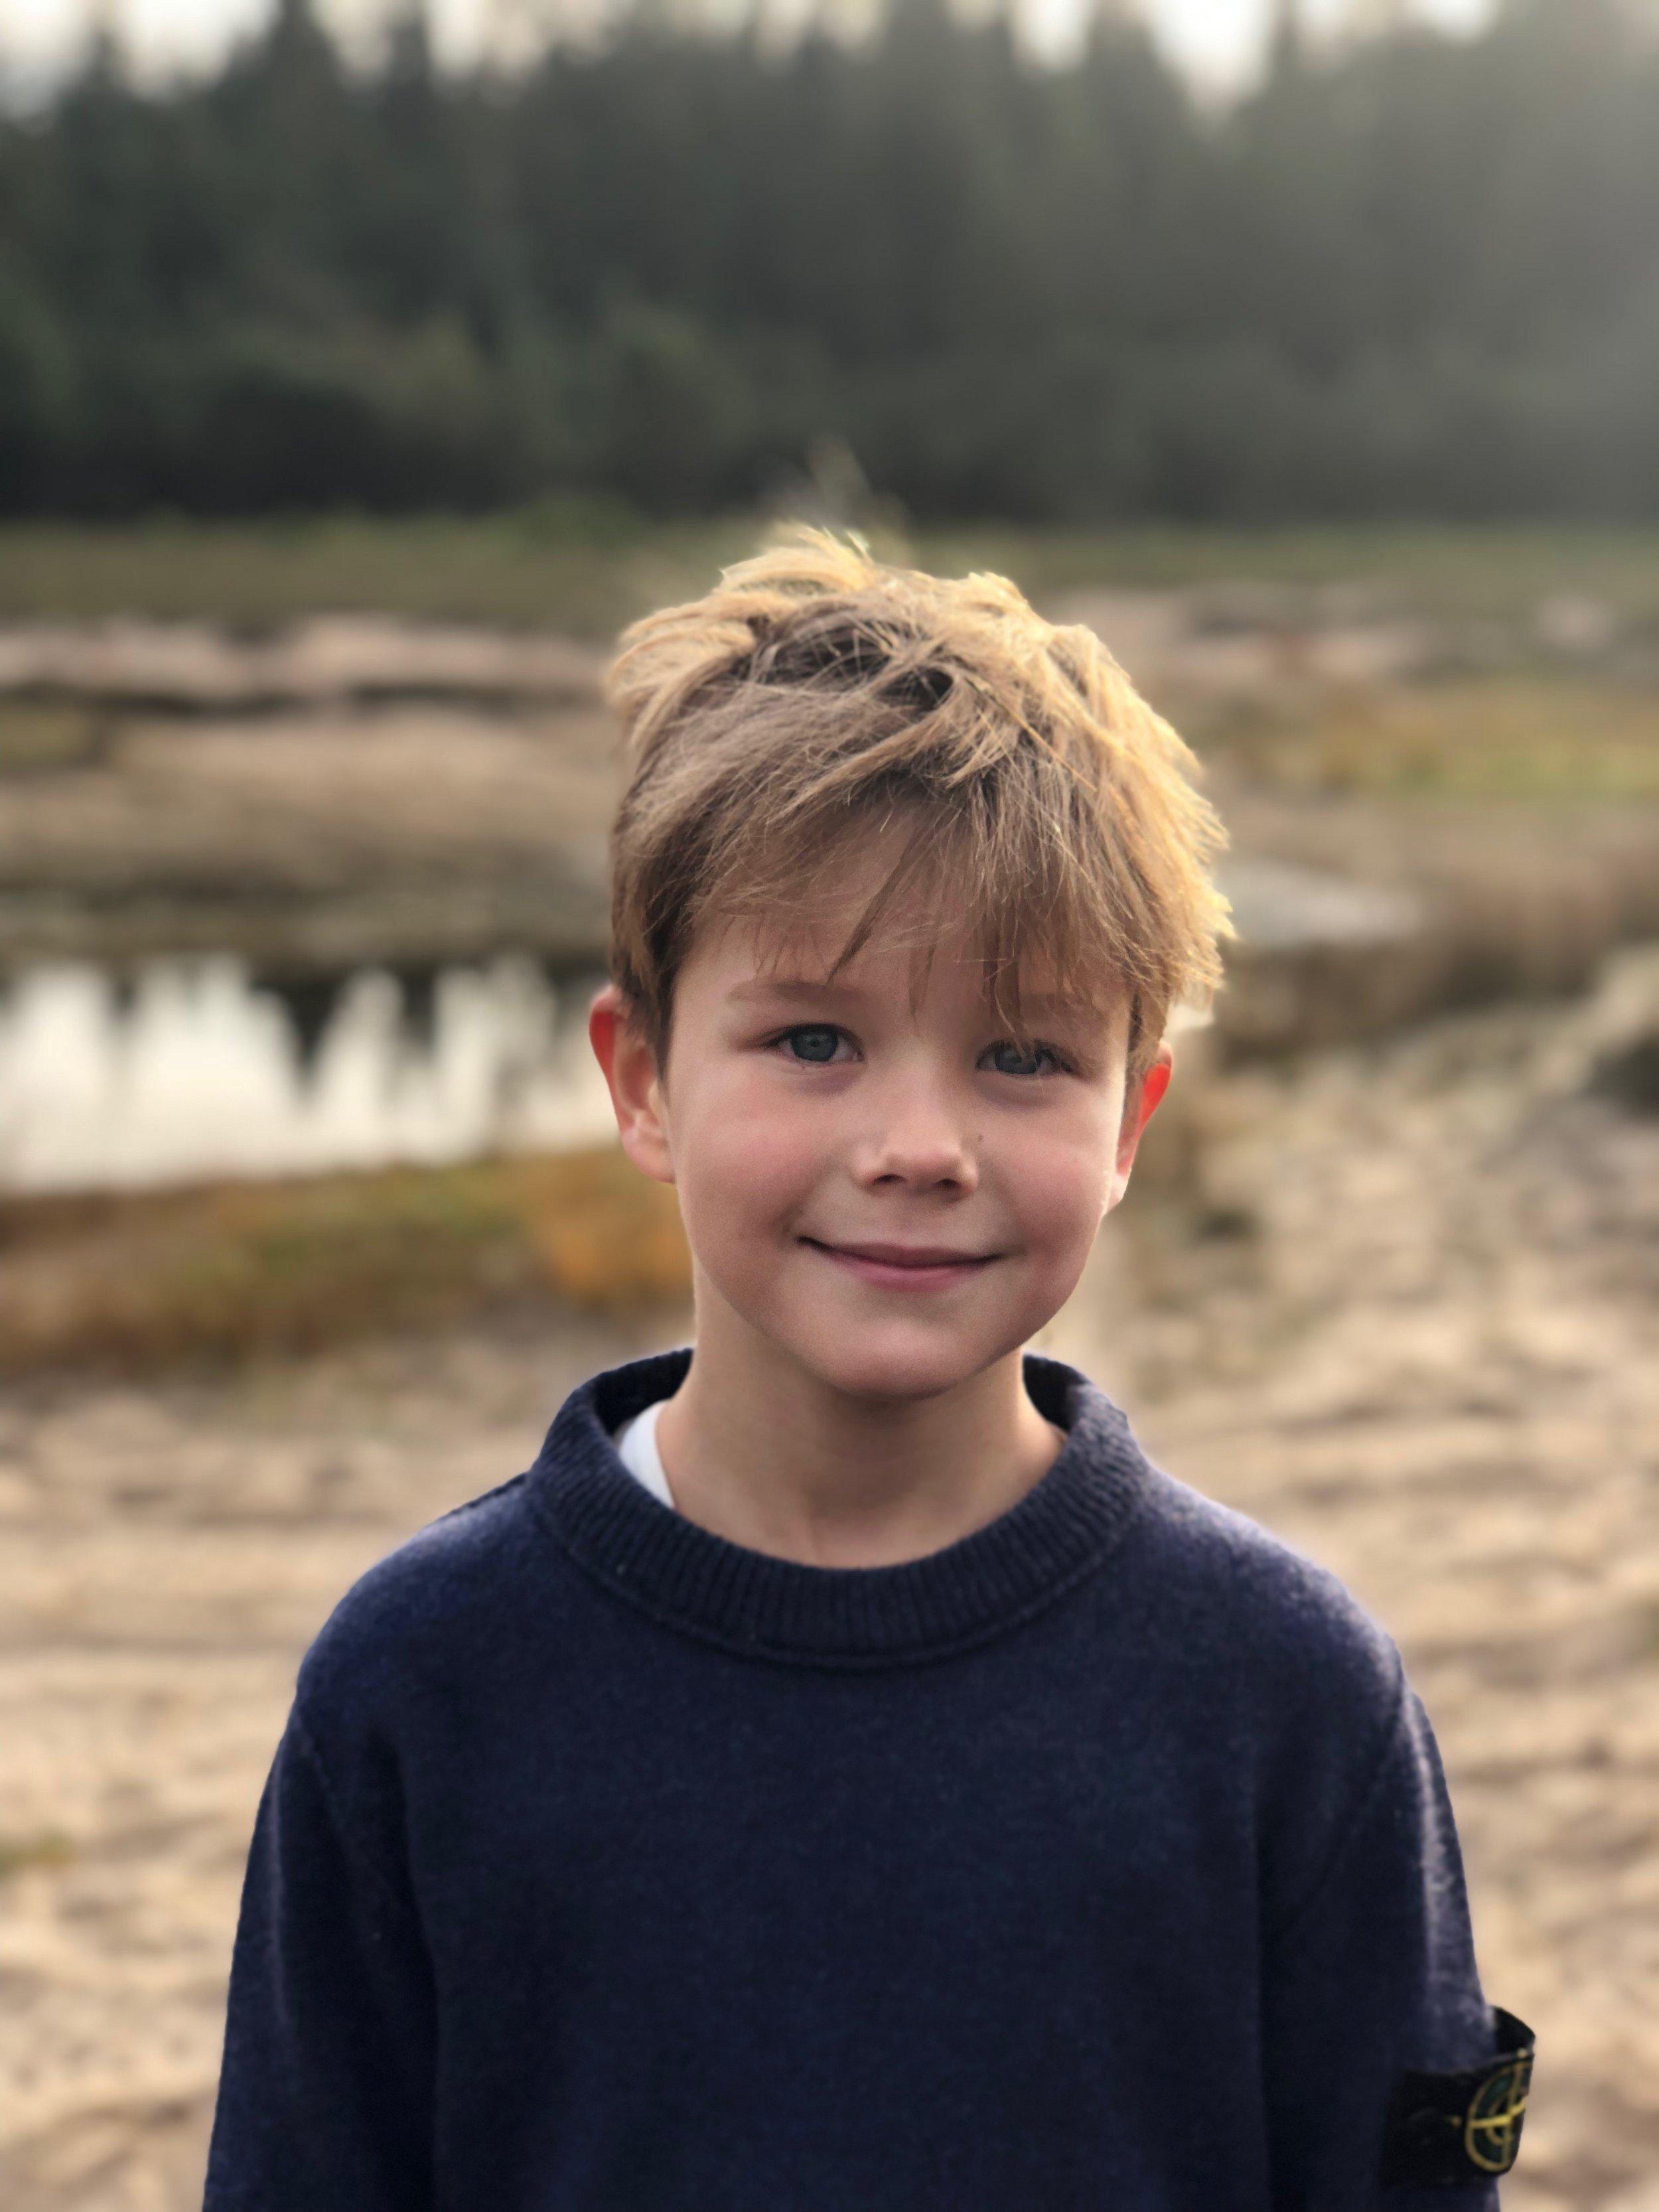 Prinz Vincent ist ein sensibler Junge. Als er in die Schule kam, war er so aufgeregt, dass er ein paar Tränen verdrückte.  © H.K.H. Kronprinsessen